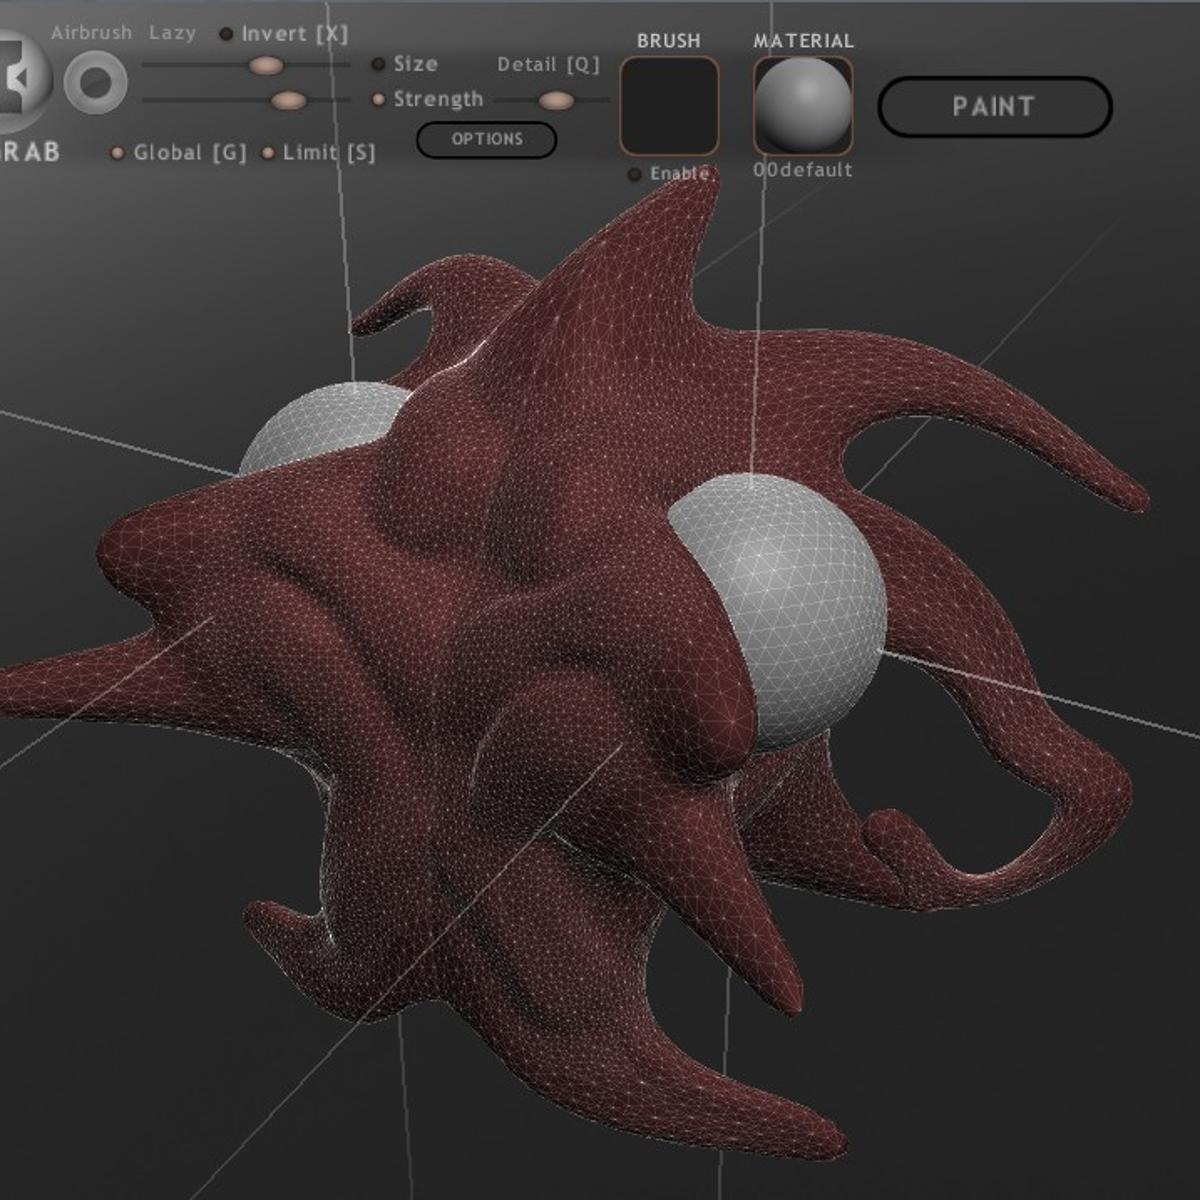 Sculptris Alternatives and Similar Software - AlternativeTo net